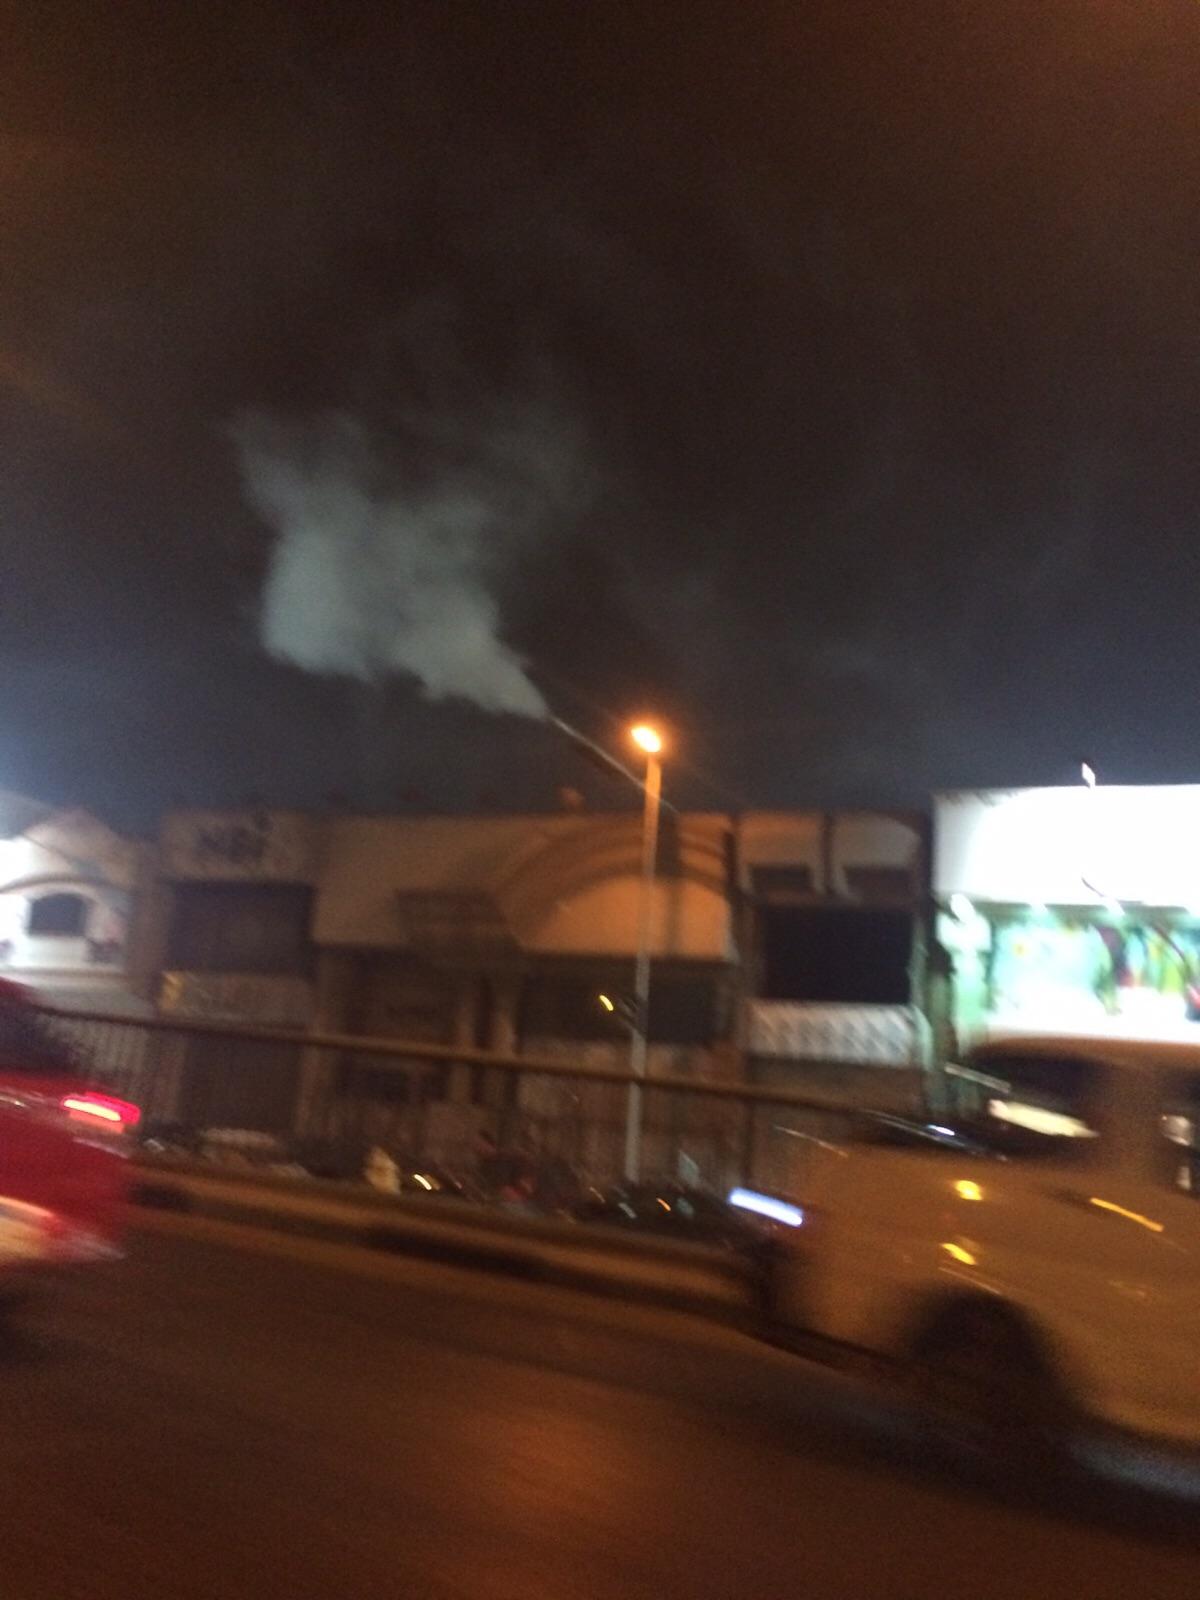 بالصور.. مدخنة لنادي الزمالك تلوث الهواء دون مراعاة للاعتبارات البيئية